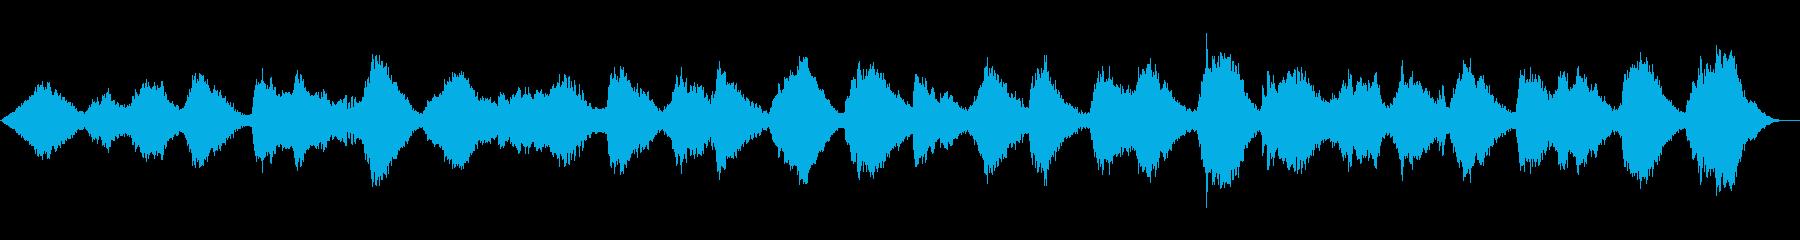 海の音を使ったゆったり壮大なアンビエントの再生済みの波形